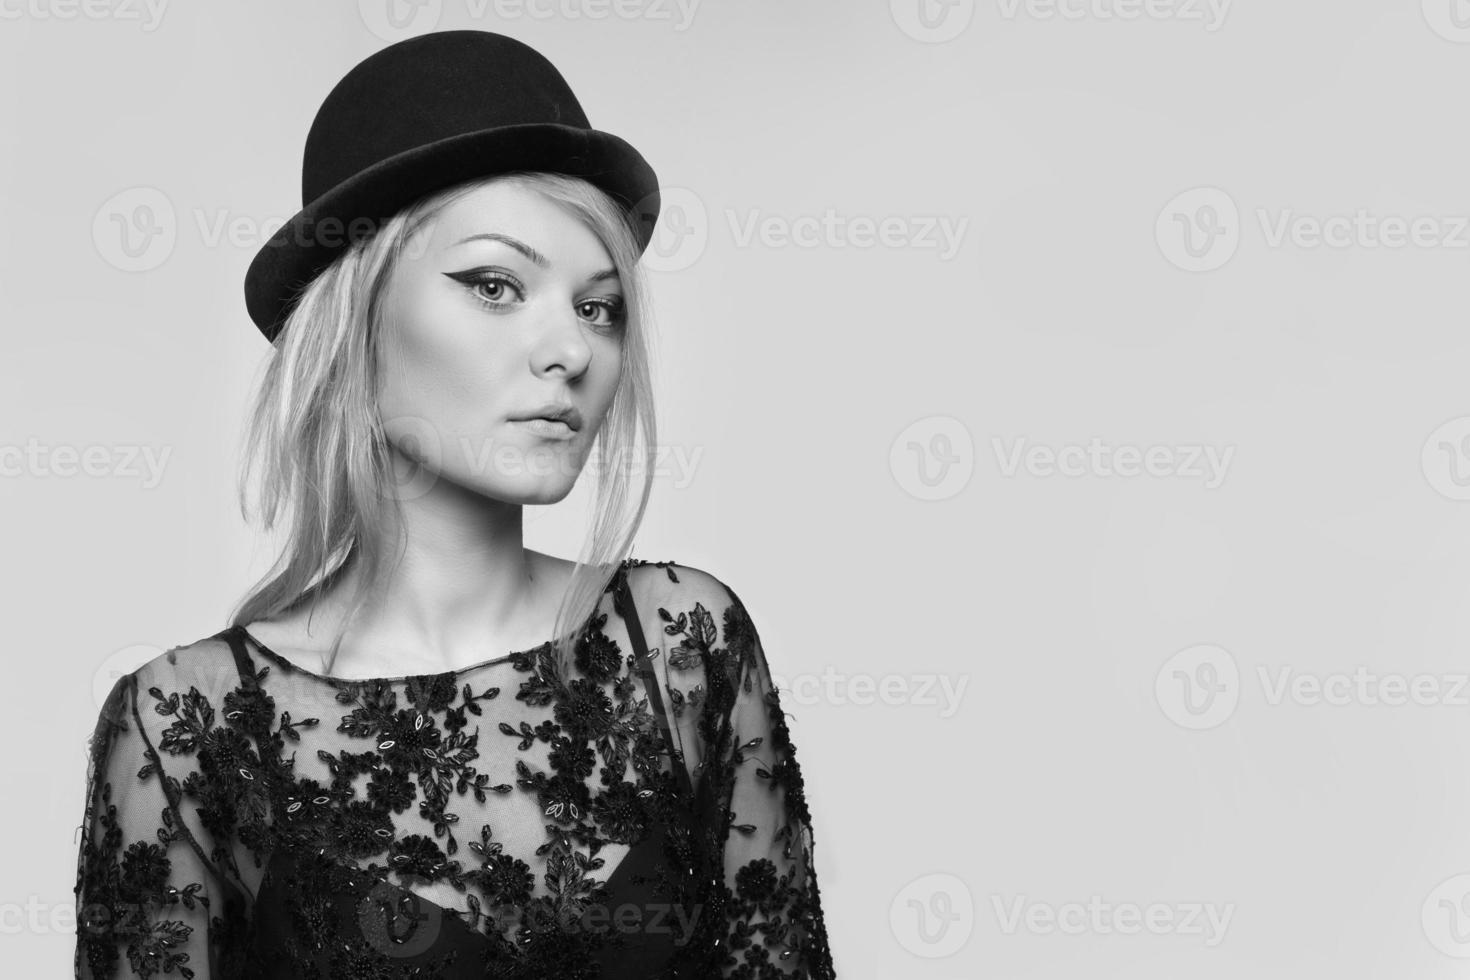 nahes Porträt der schönen blonden Frau foto